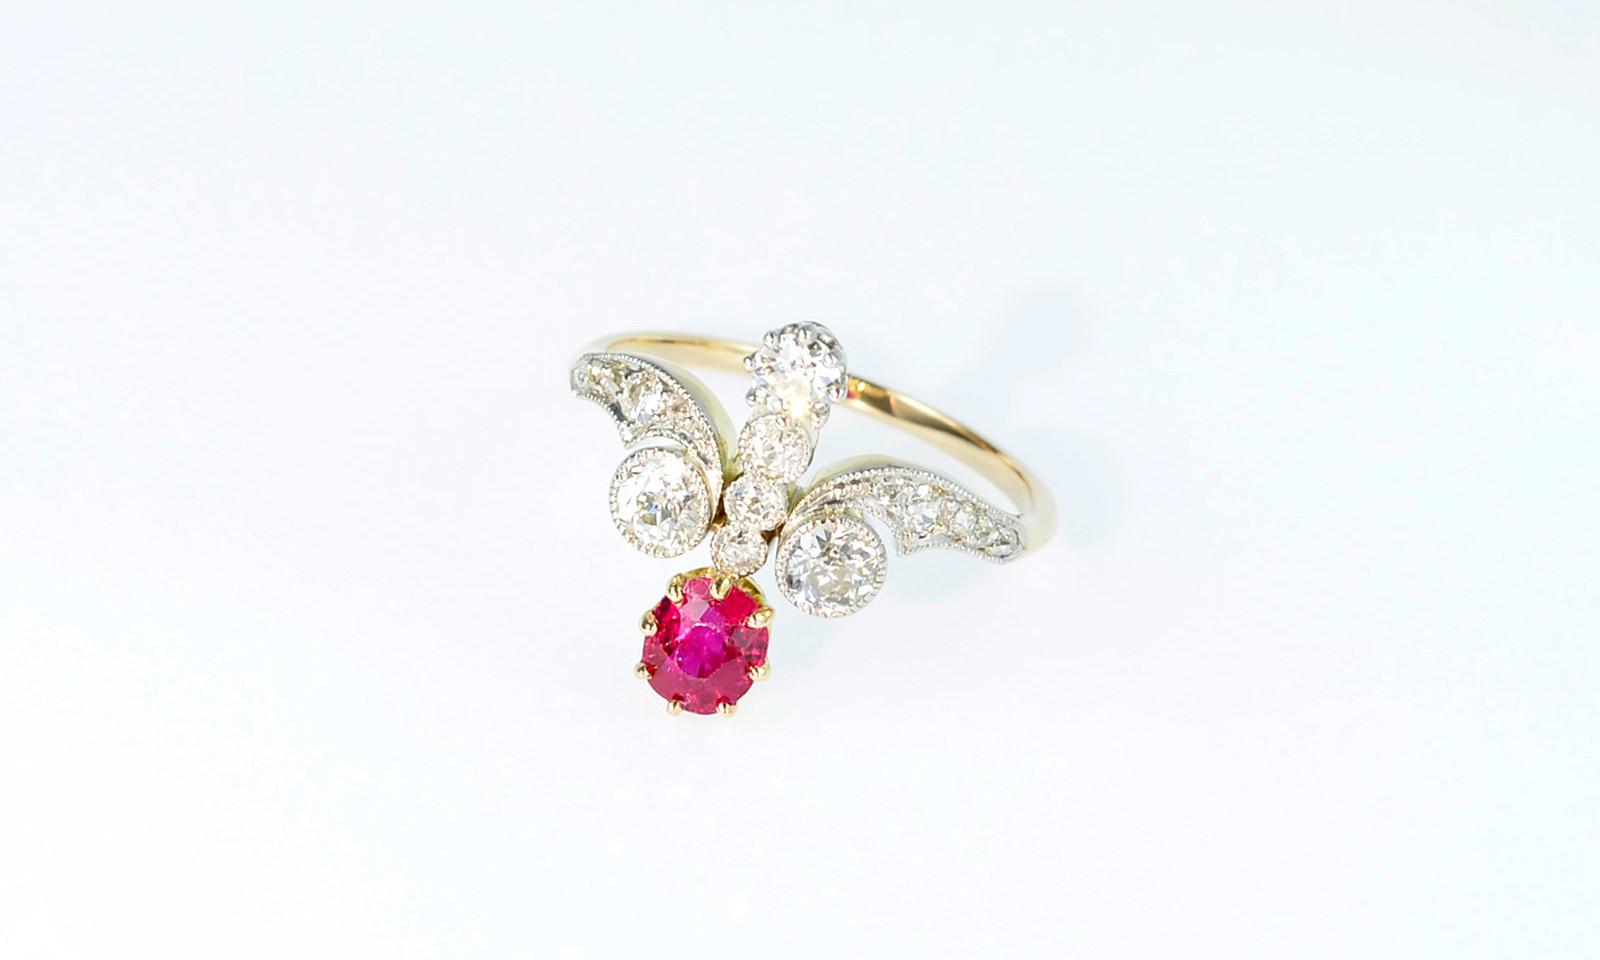 Ring Belle Epoque Rubin. Ring Belle Epoque, Platin auf Gelbgold 750 mit Rubin 0.78 ct. und 16 Altschliff-Diamanten total ca. 0.70 ct., CHF 5600.-